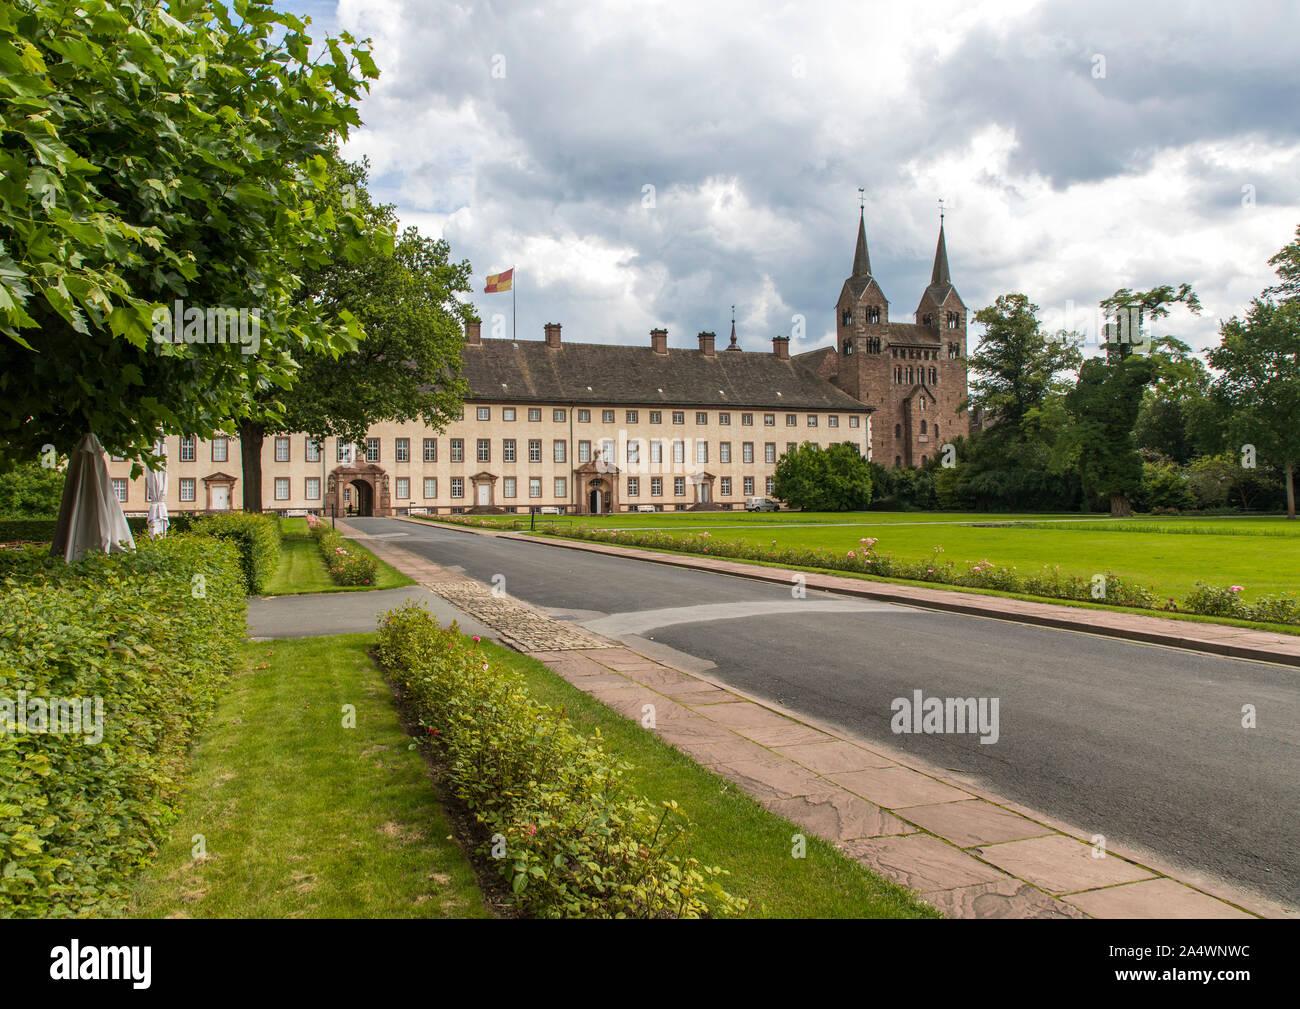 Patrimoine de l'Corlvey château, ancienne abbaye bénédictine Abtei, près de Höxter, Banque D'Images